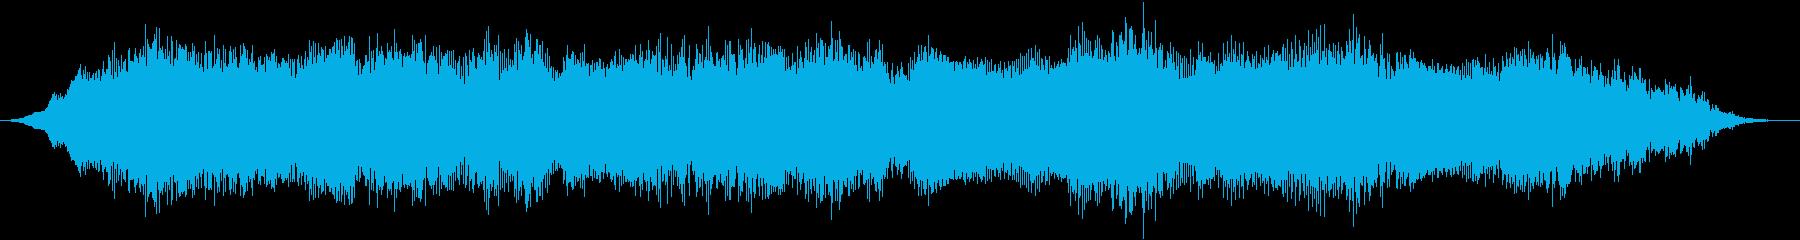 【ダークアンビエント】シーンBGM_06の再生済みの波形